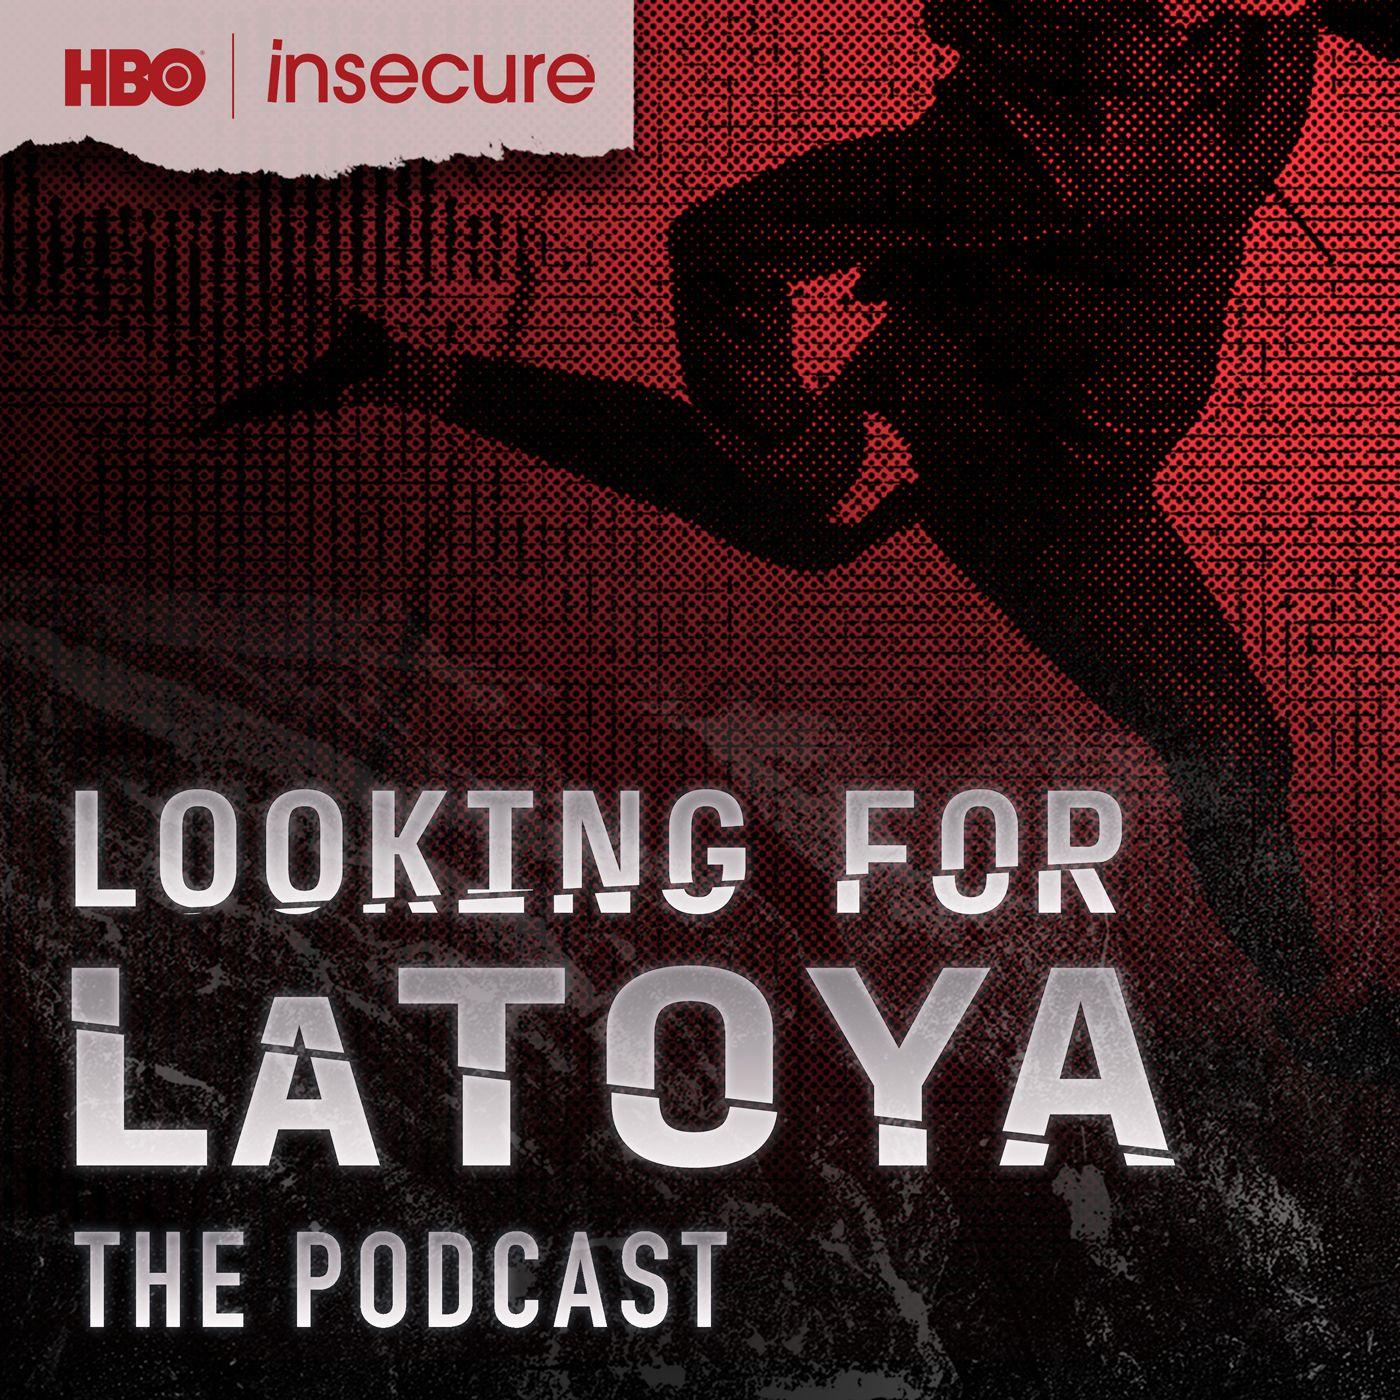 Looking For LaToya